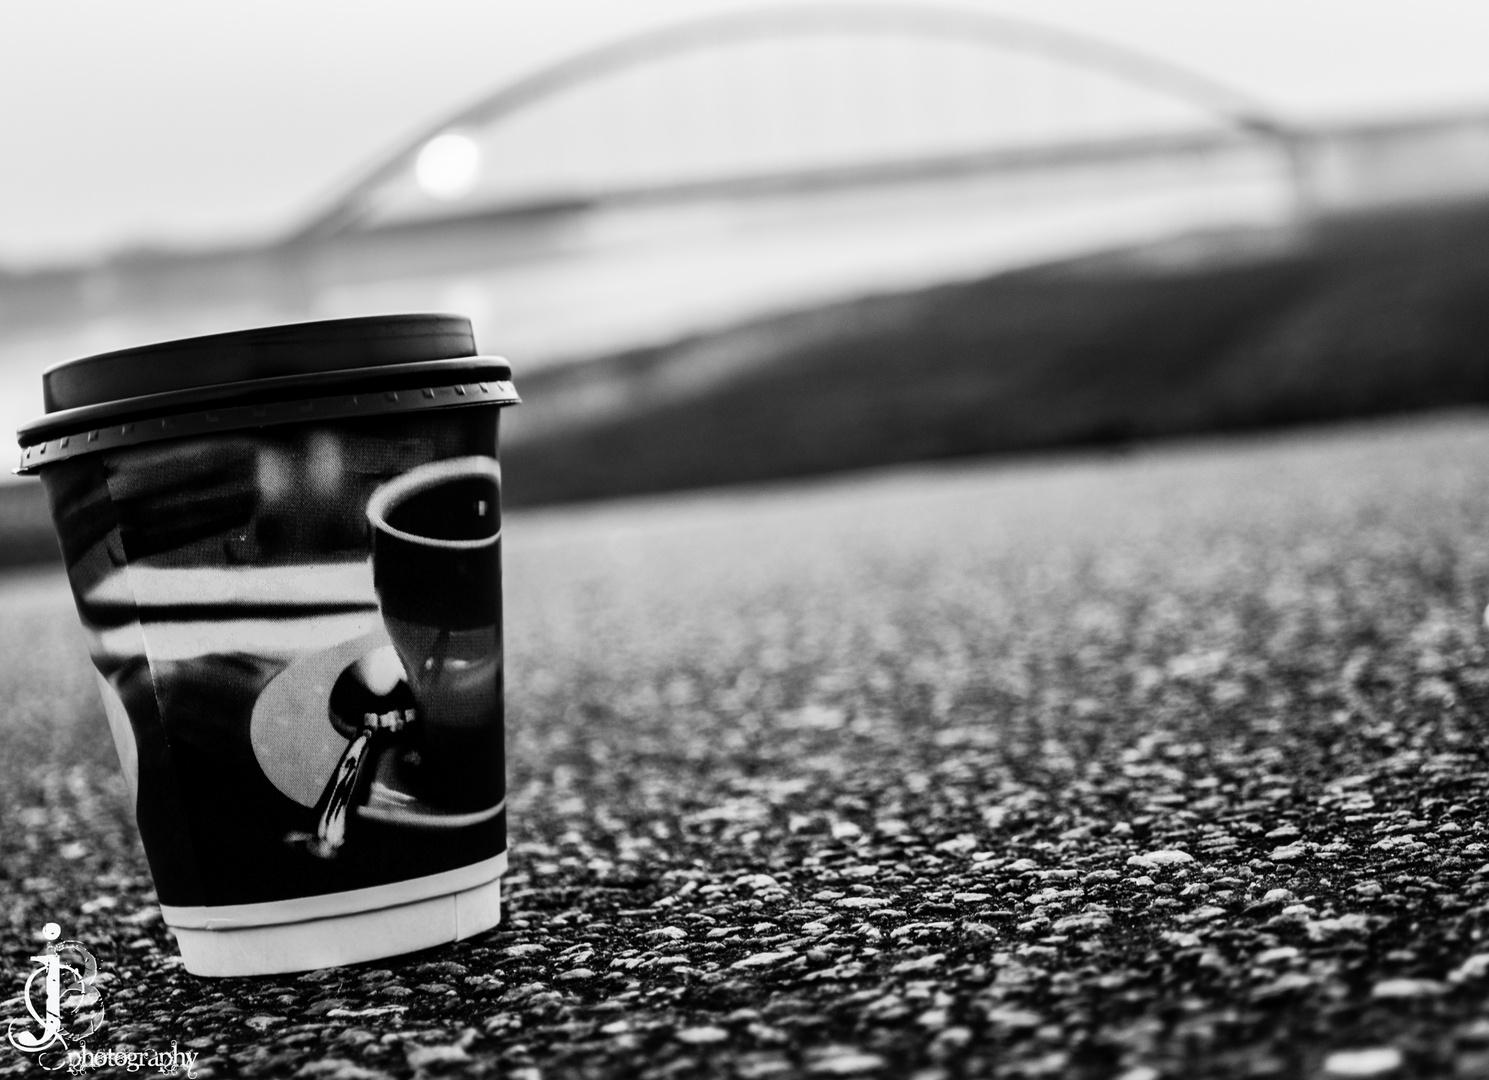 Ich habe diesen Kaffeebecher gesellschaft geleistet :)